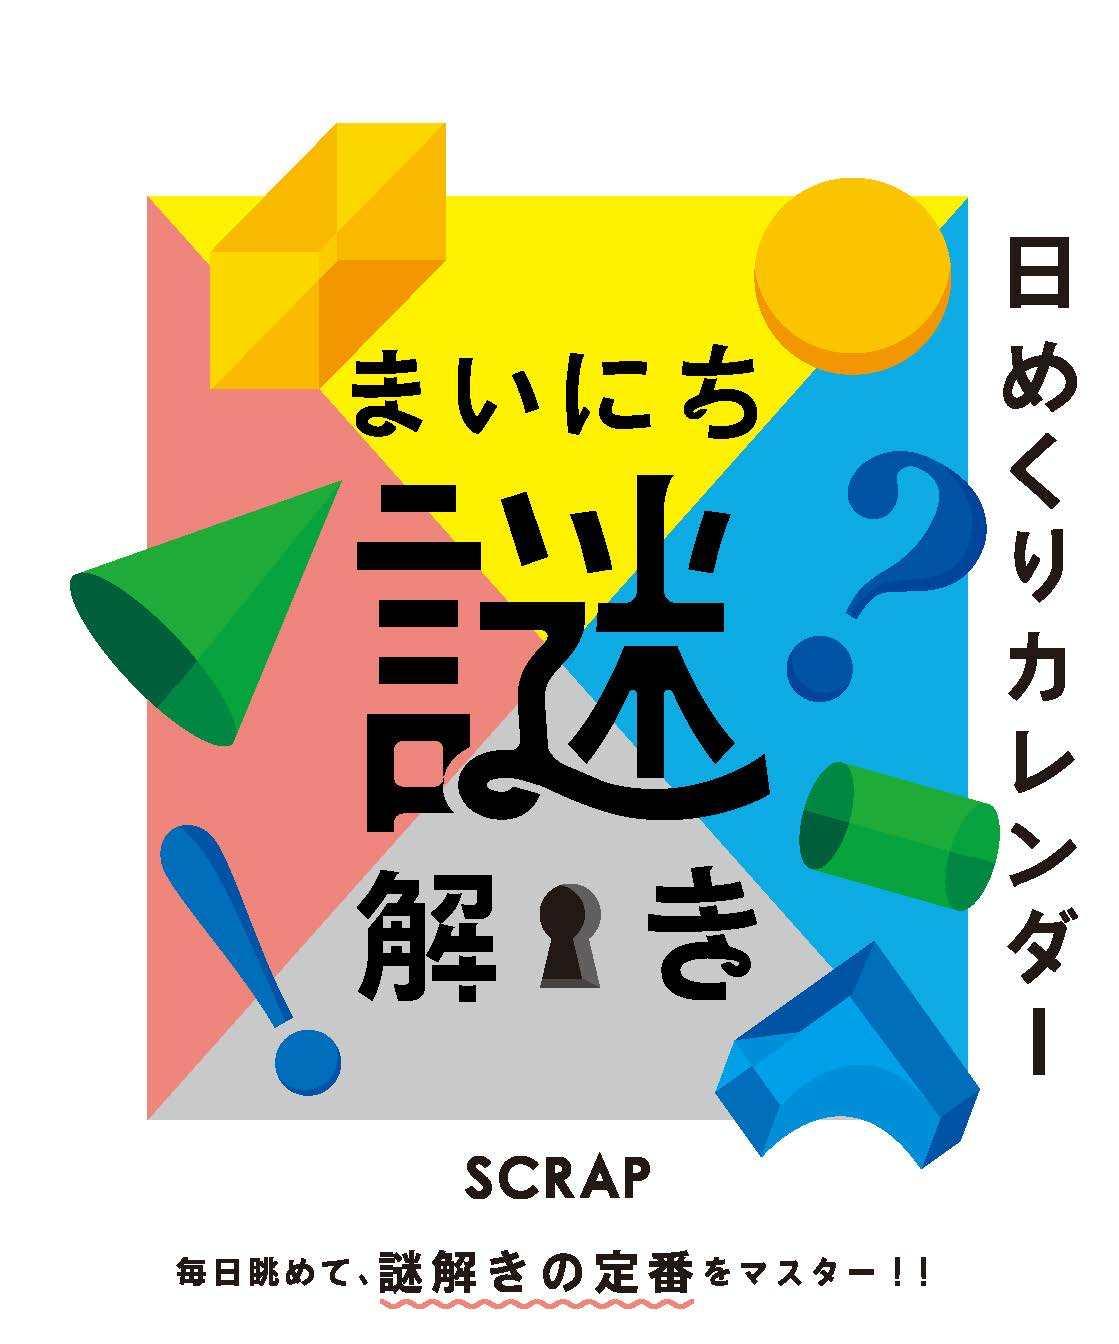 日めくりカレンダー「まいにち謎解き」 (C)SCRAP